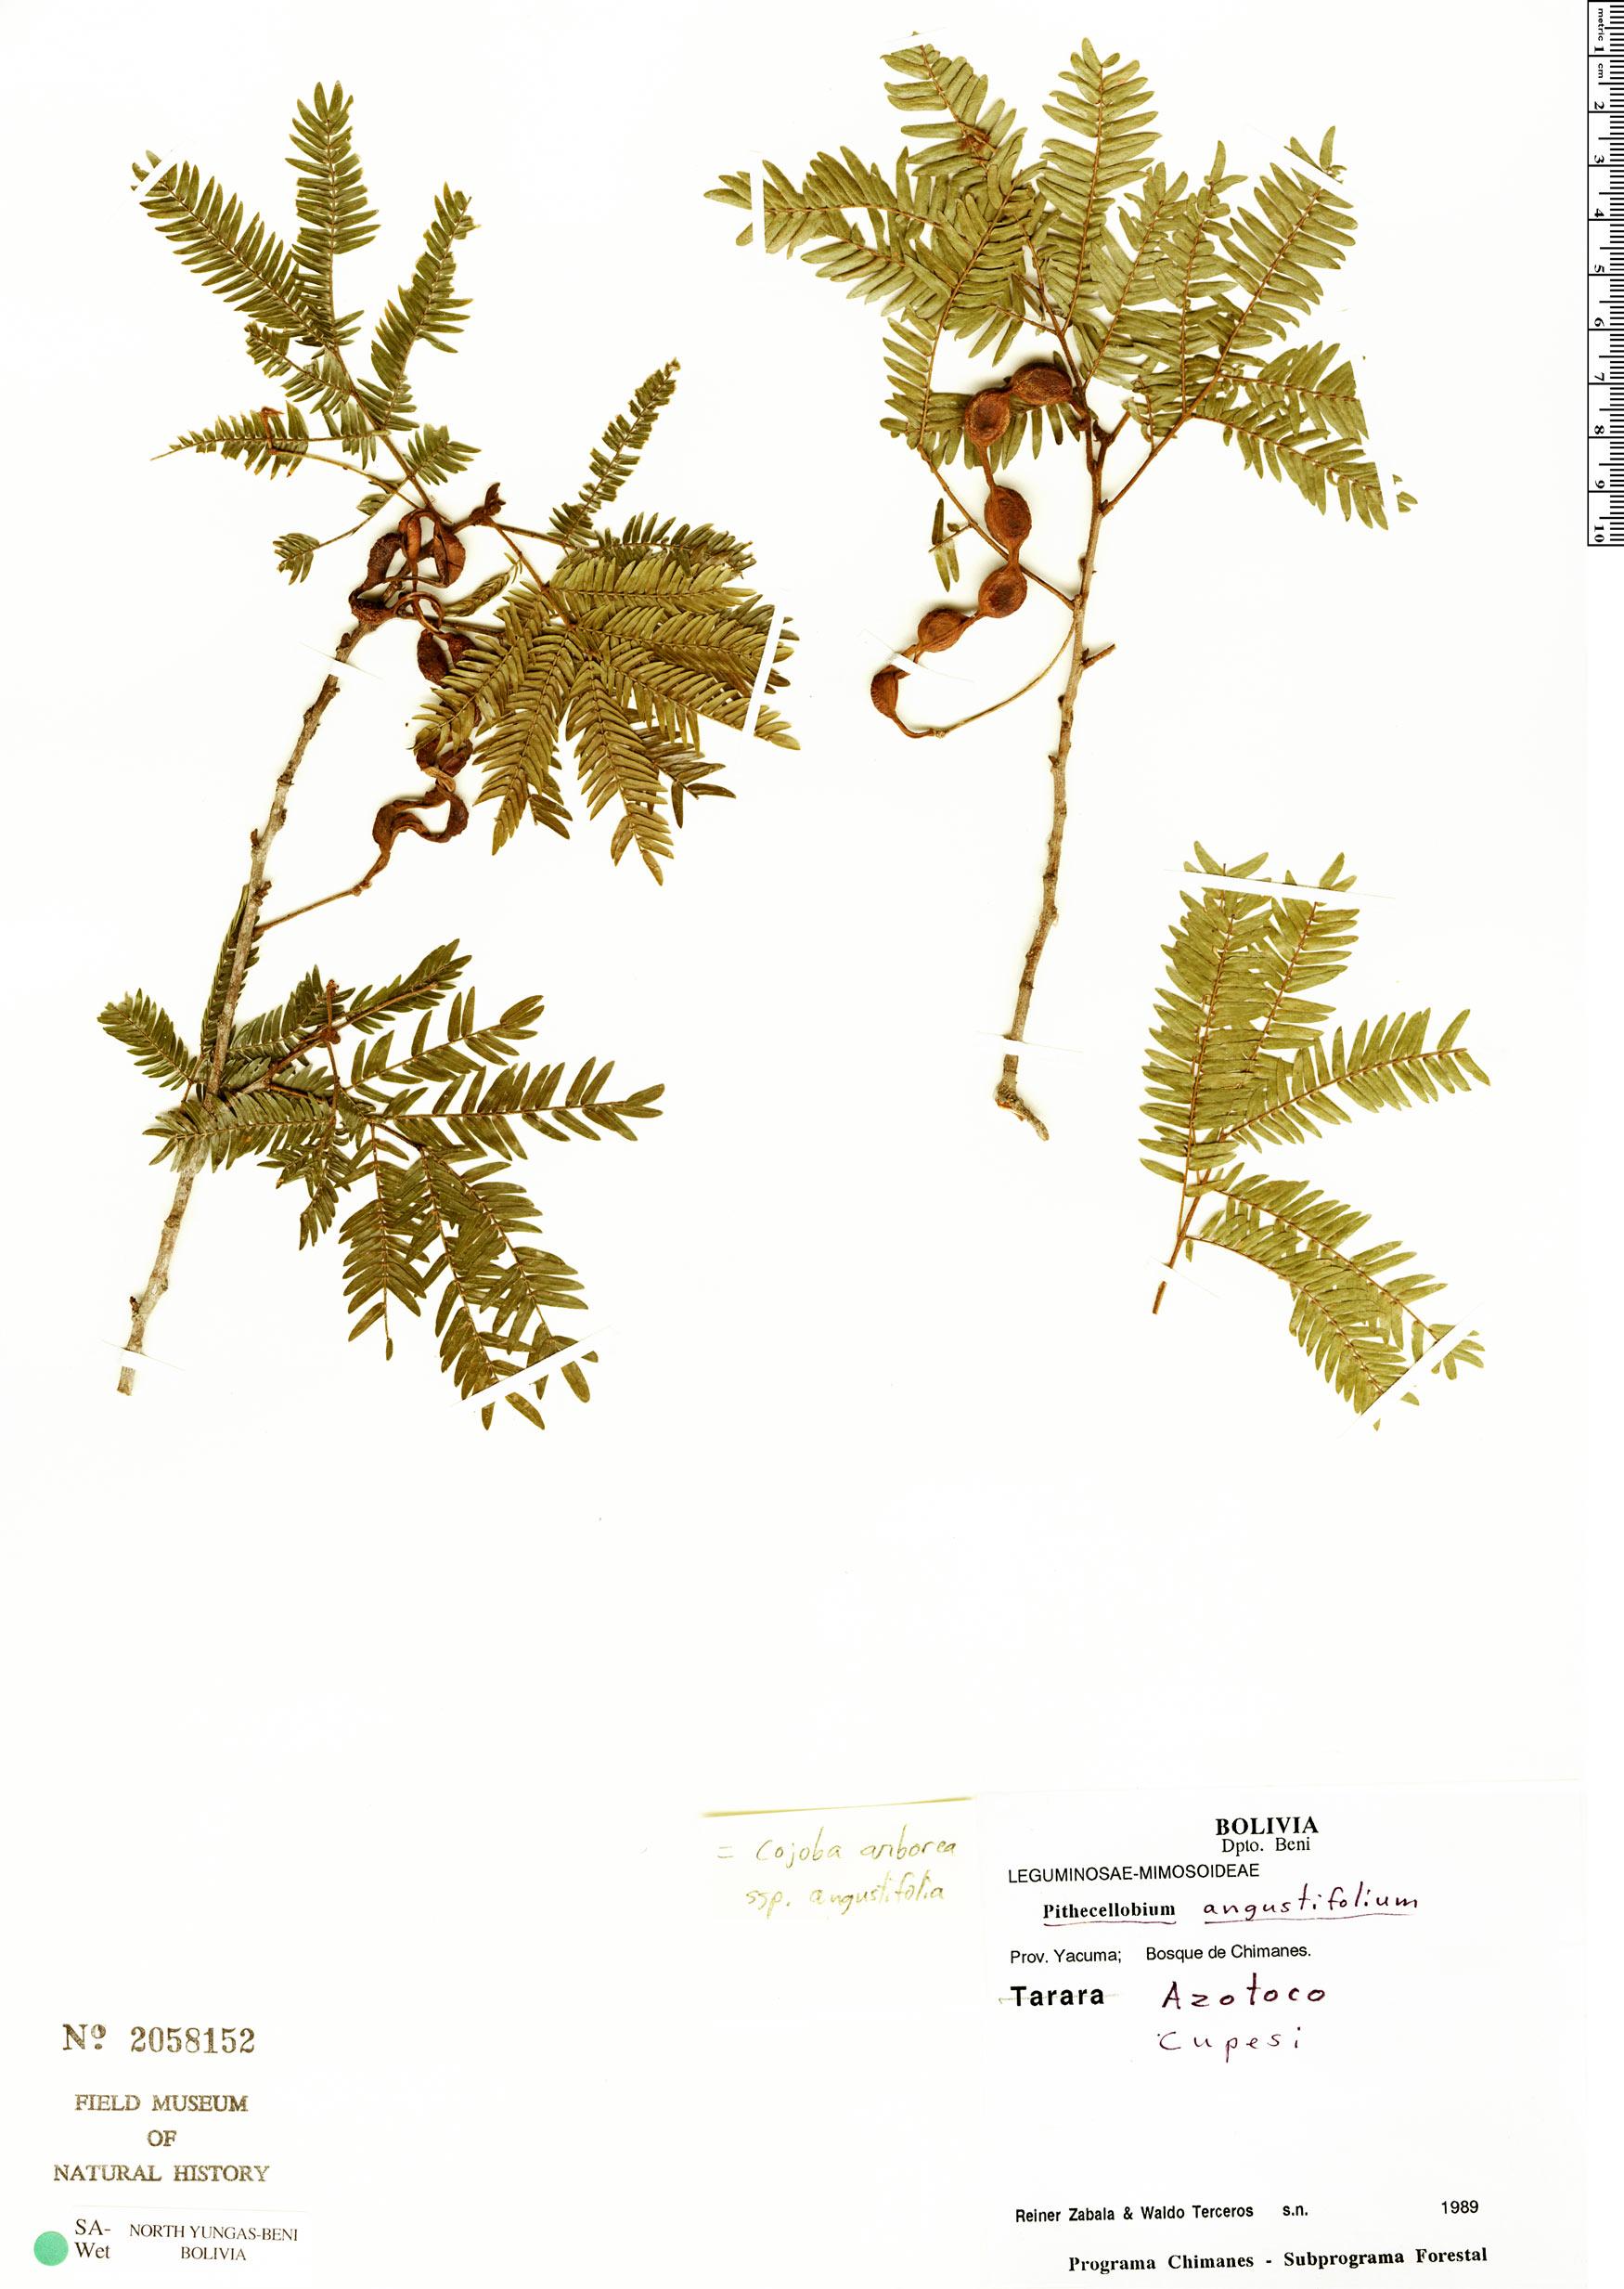 Espécime: Cojoba arborea